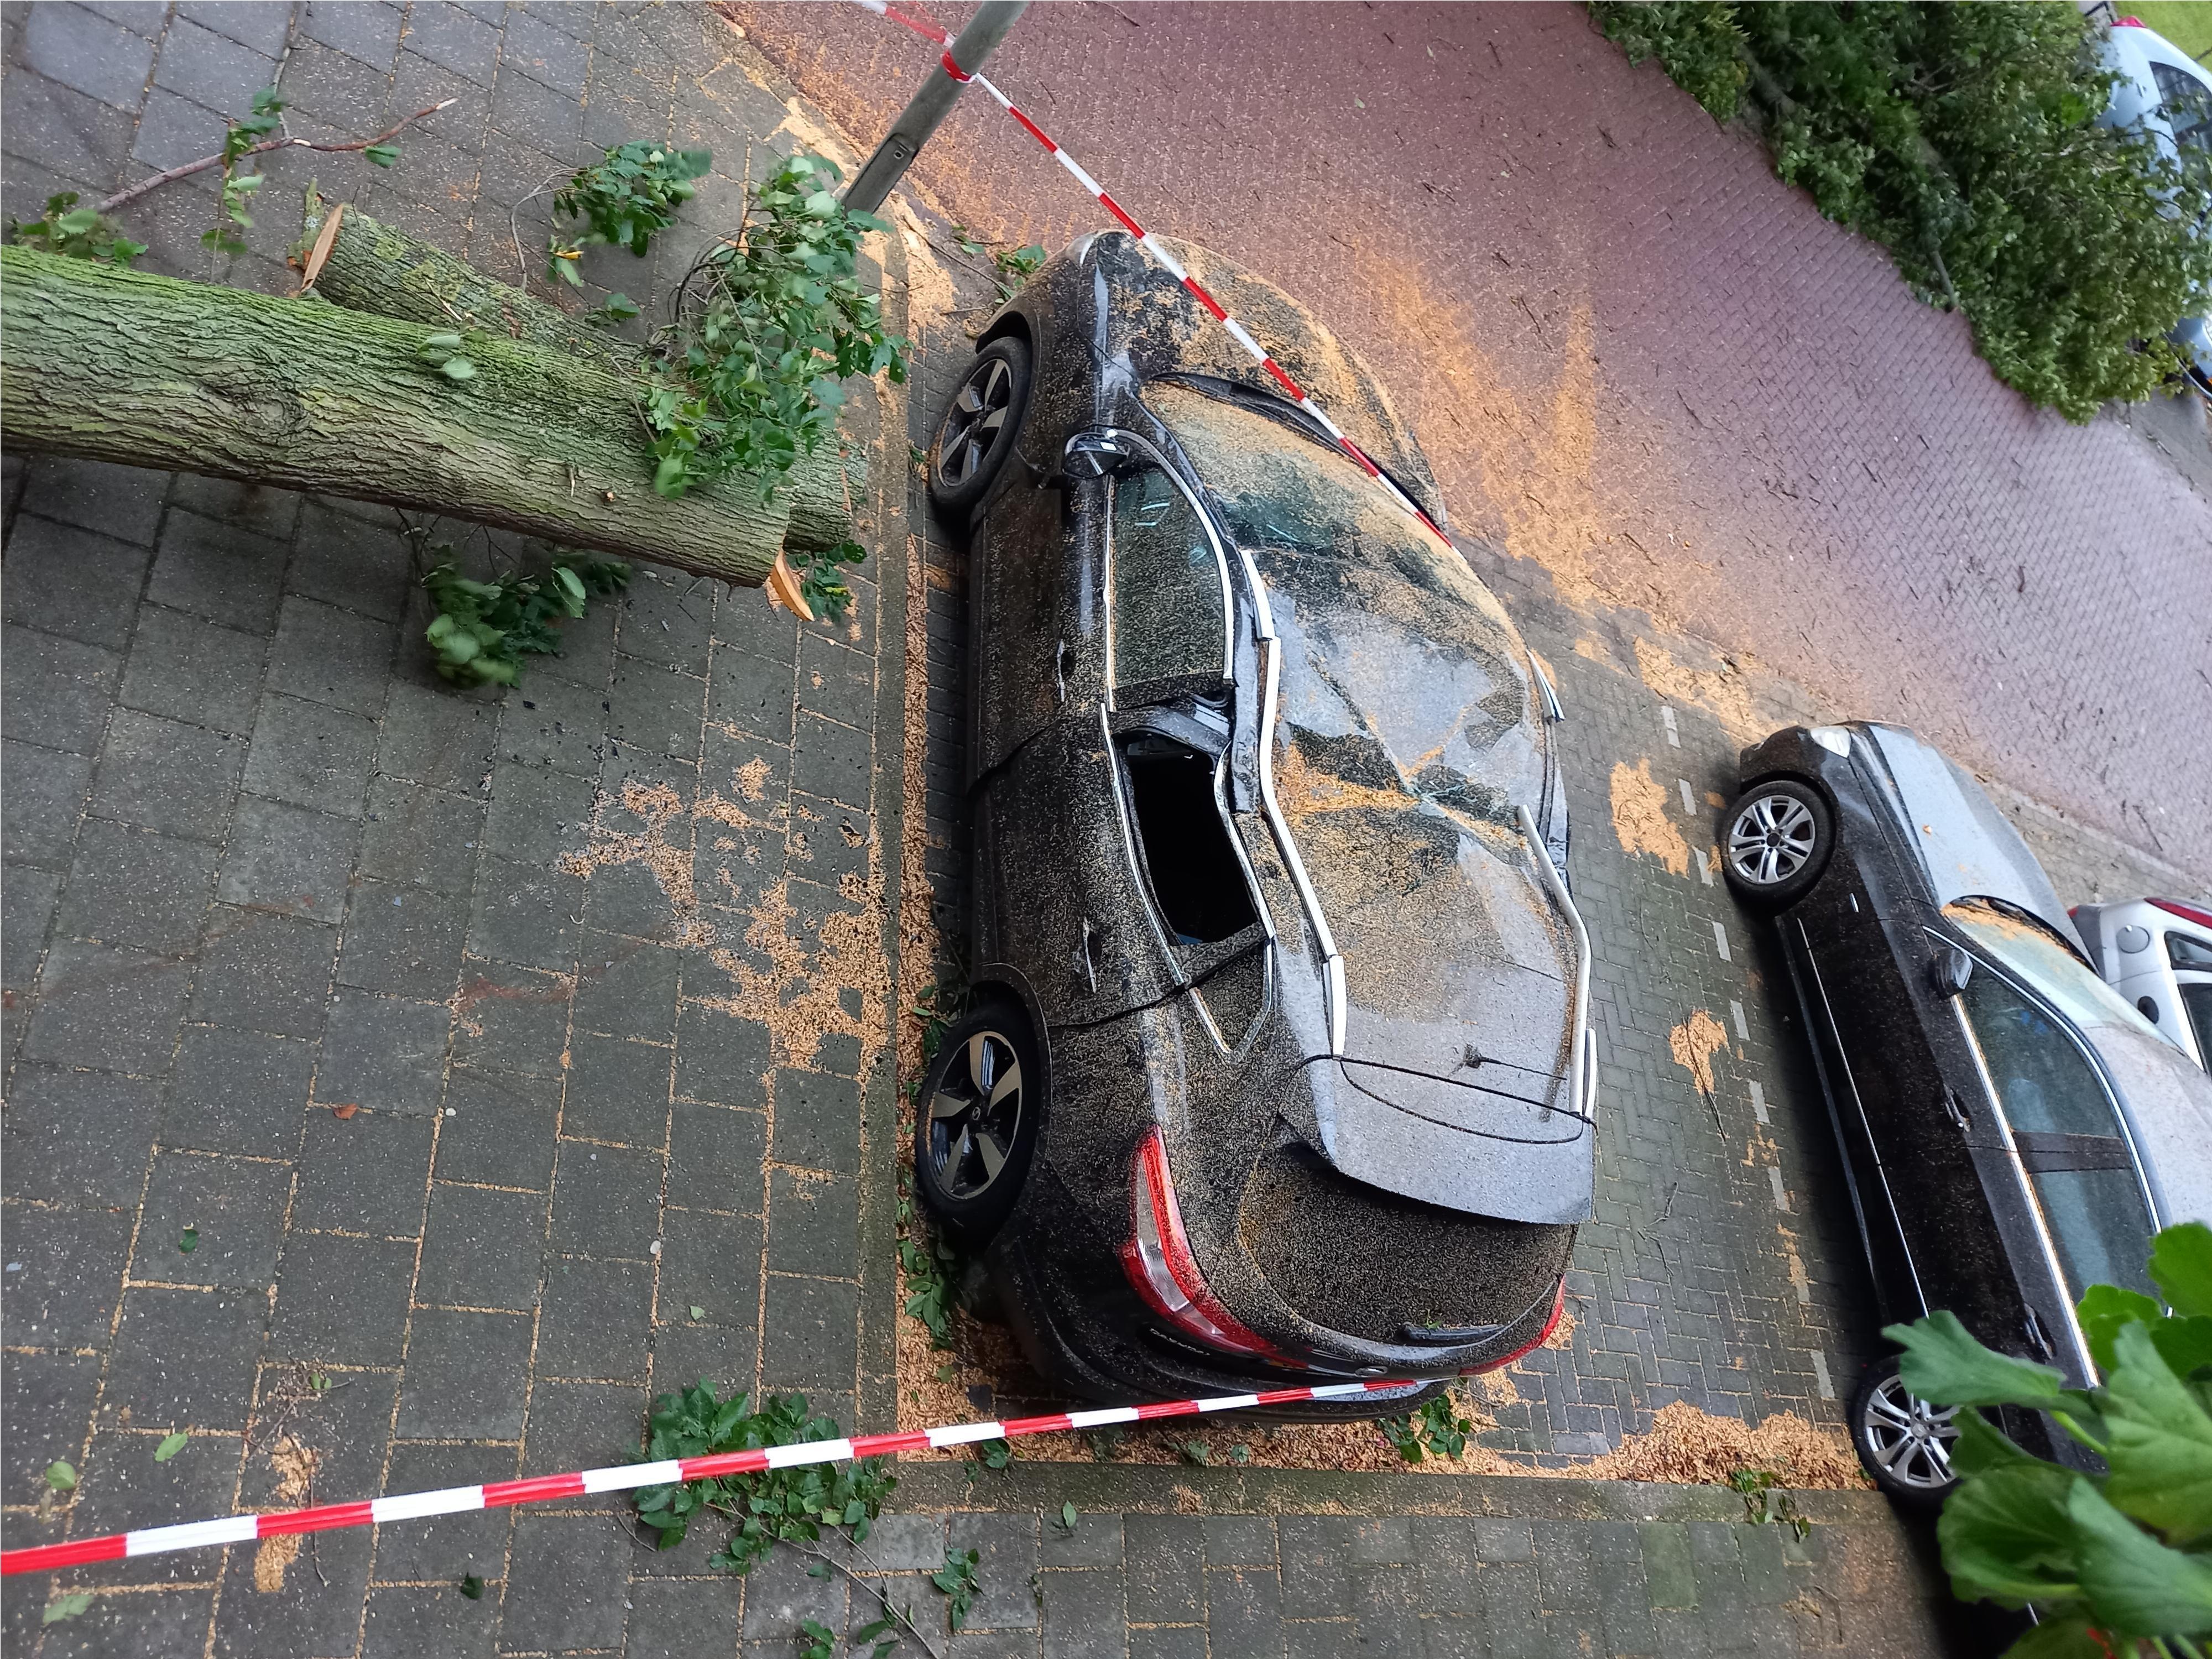 Francis plaaggeest voor eigenaar auto bij Georgebos in IJmuiden: zomerstorm veroorzaakt ook her en der in de IJmond schade